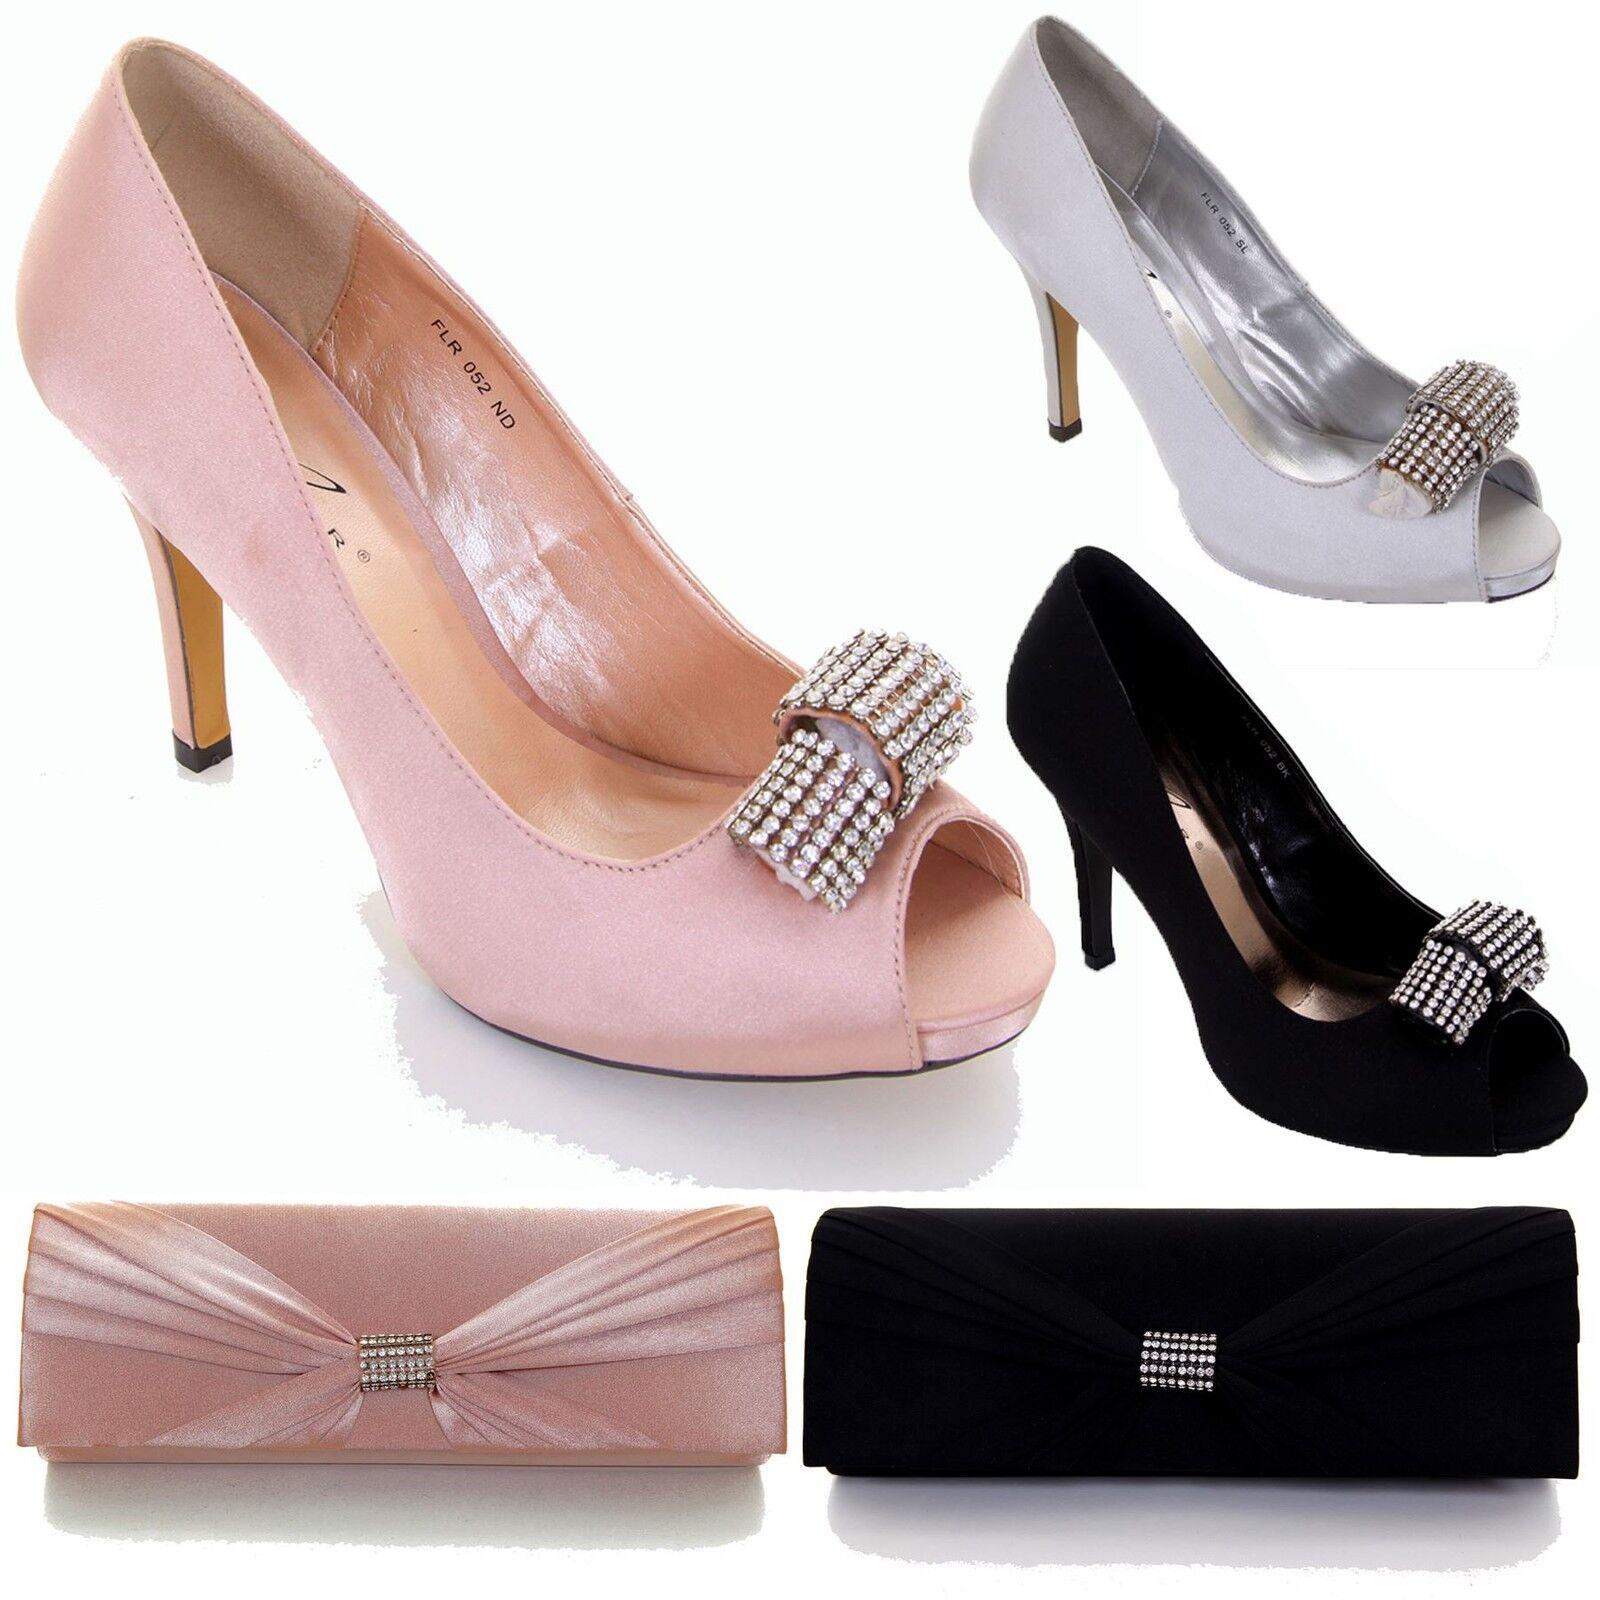 Ladies Peep Toe Satin Diamante Accent Court Heel Shoe Party Clutch Bag Purse